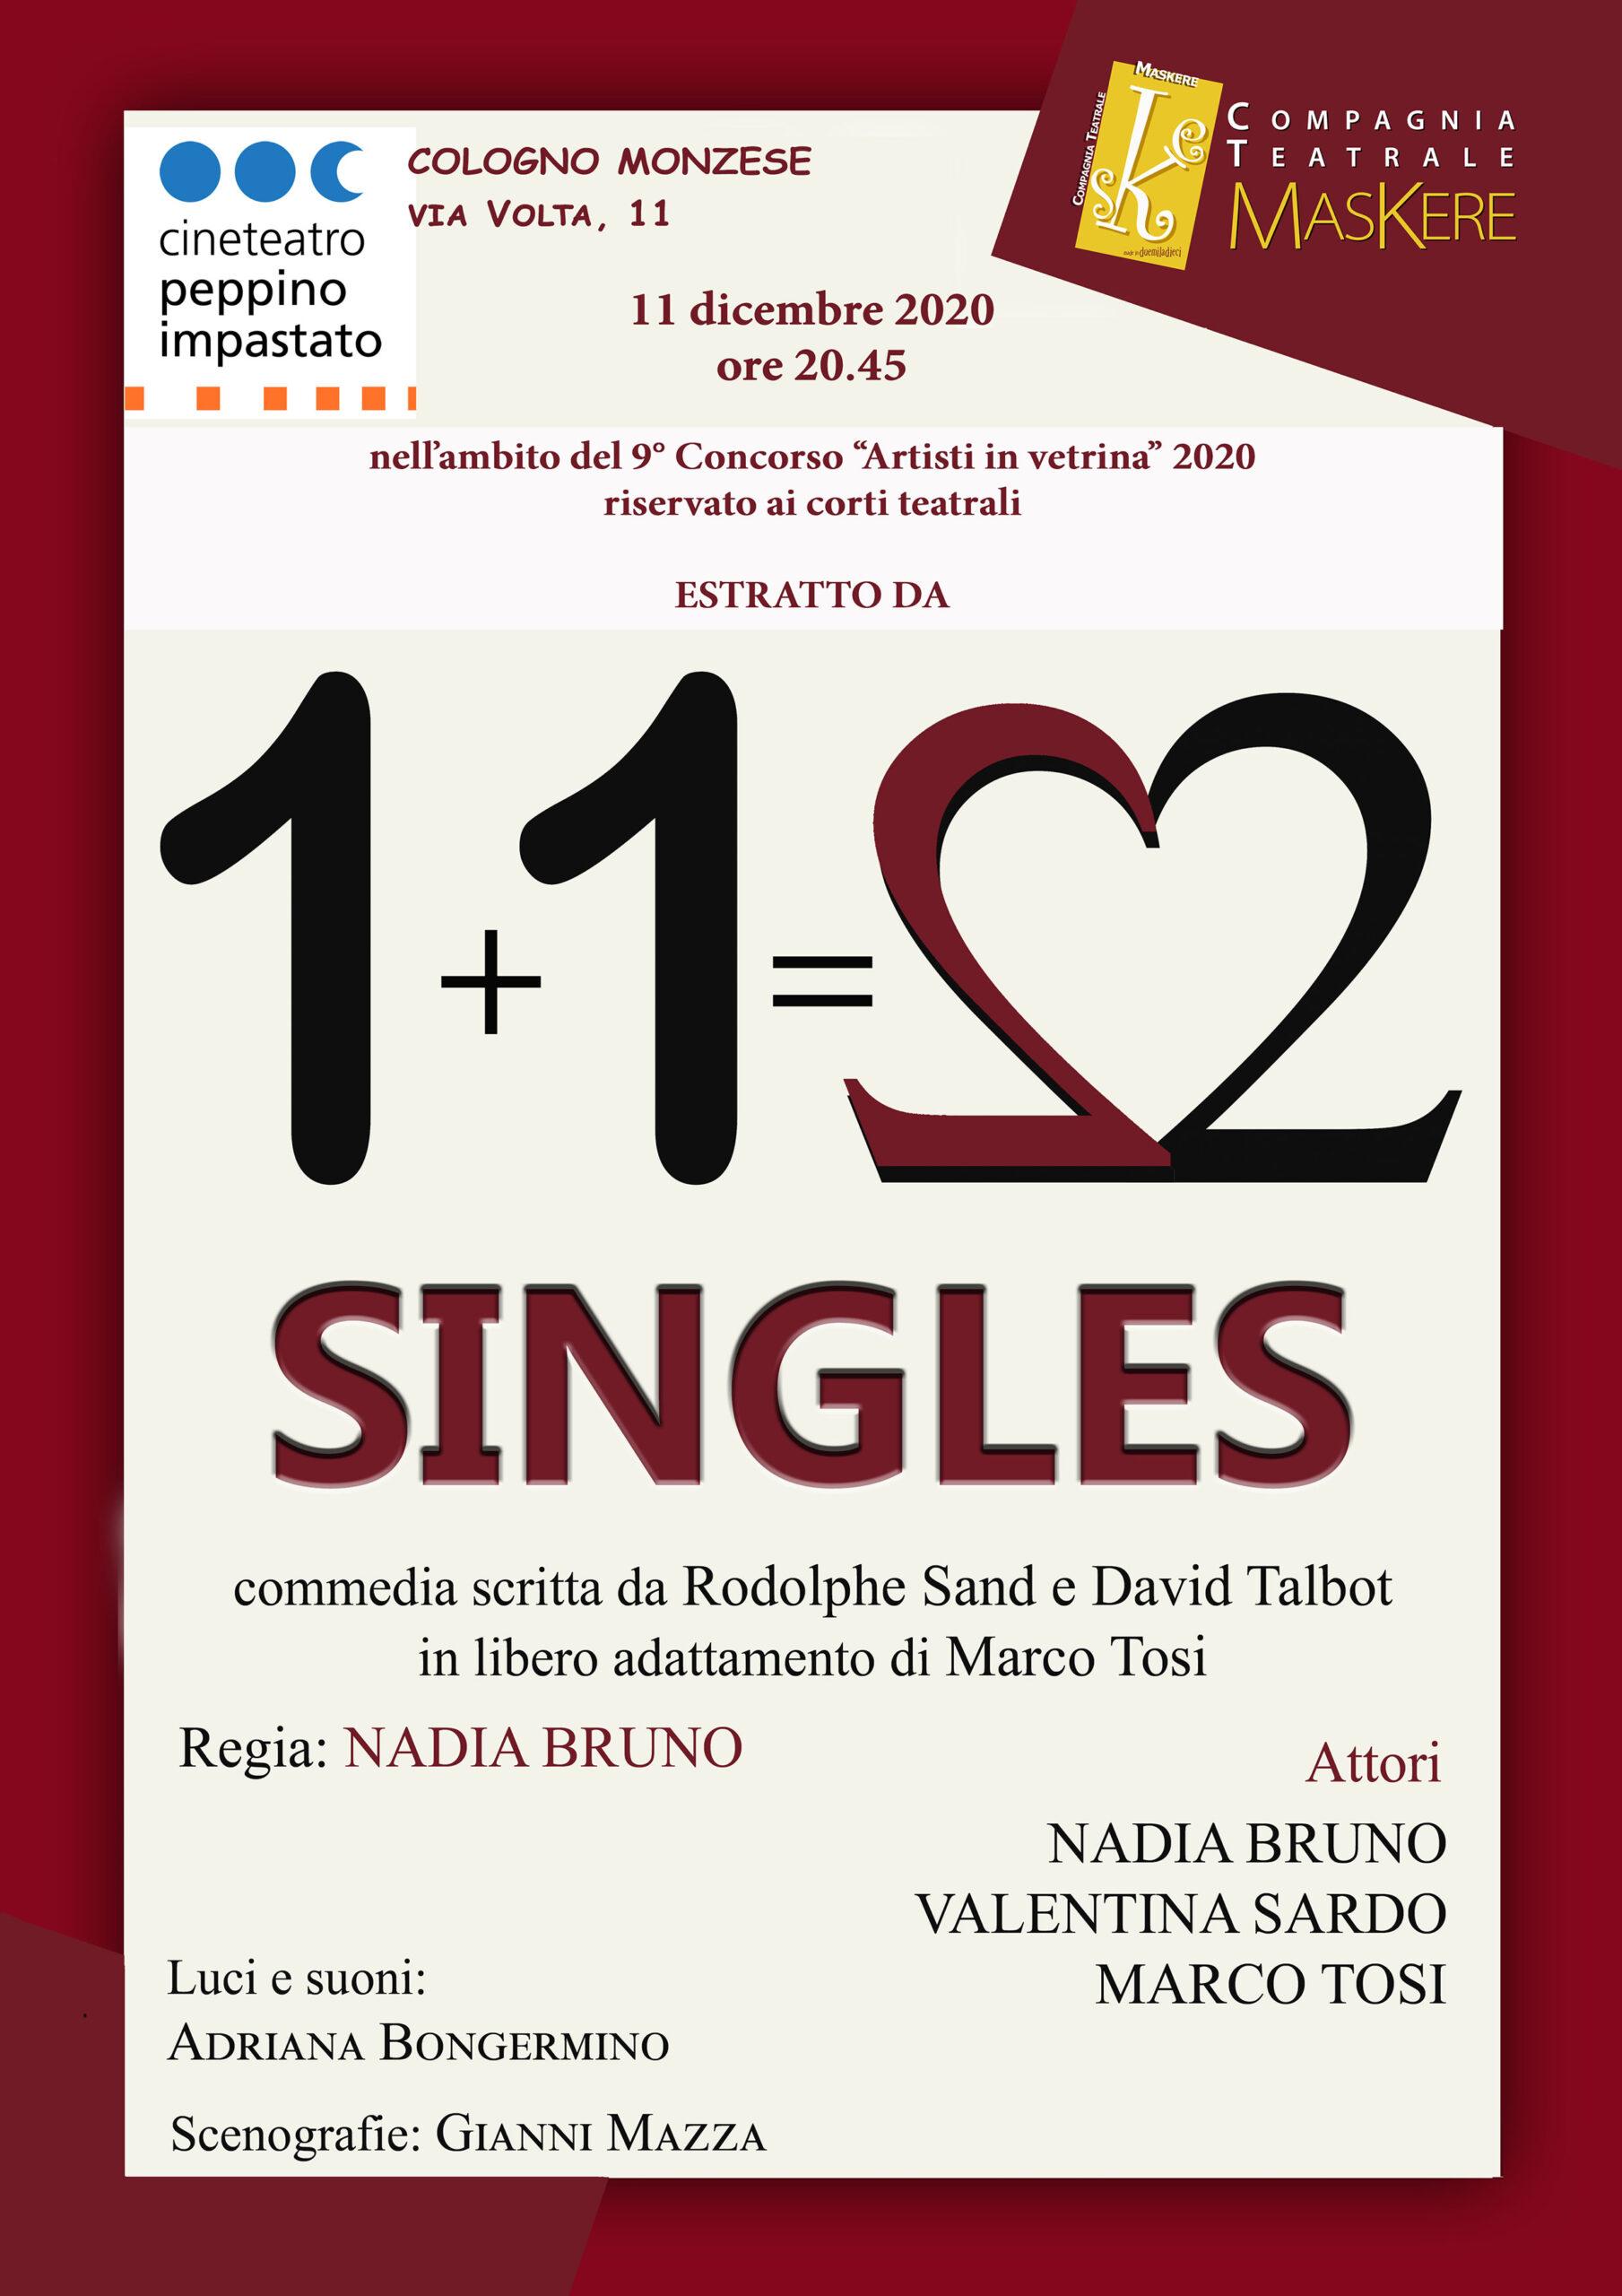 11 12 20 Cologno Monzese – Singles (corto)